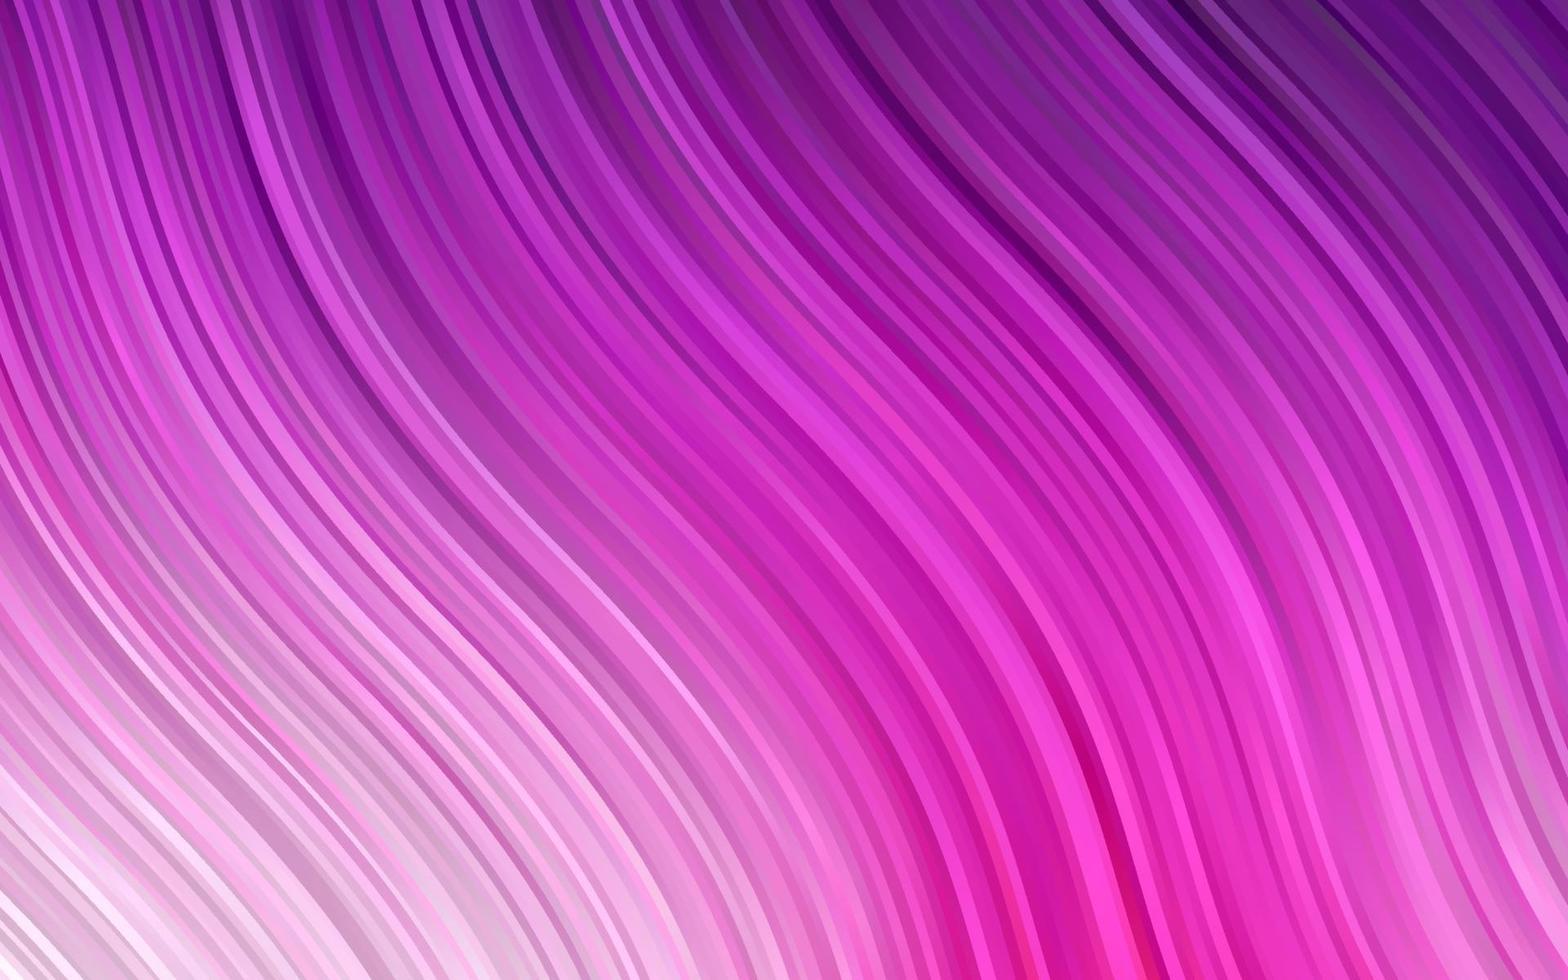 modelo de vetor rosa claro com linhas ovais.